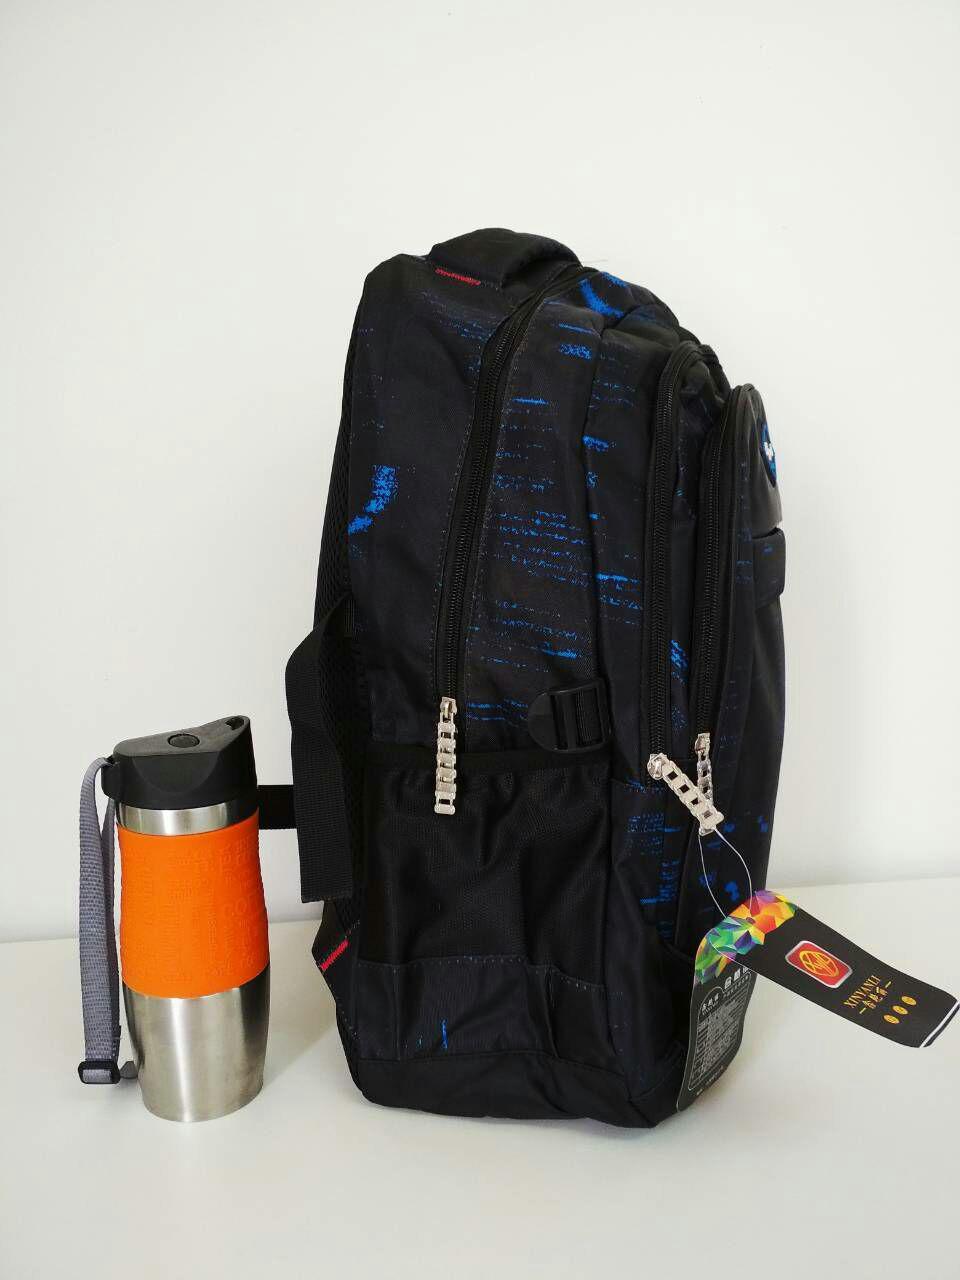 138e1f8574f9 Школьный рюкзак черный с голубым принтом 45*32*14 см, цена 295 грн., купить  в Харькове — Prom.ua (ID#736140086)